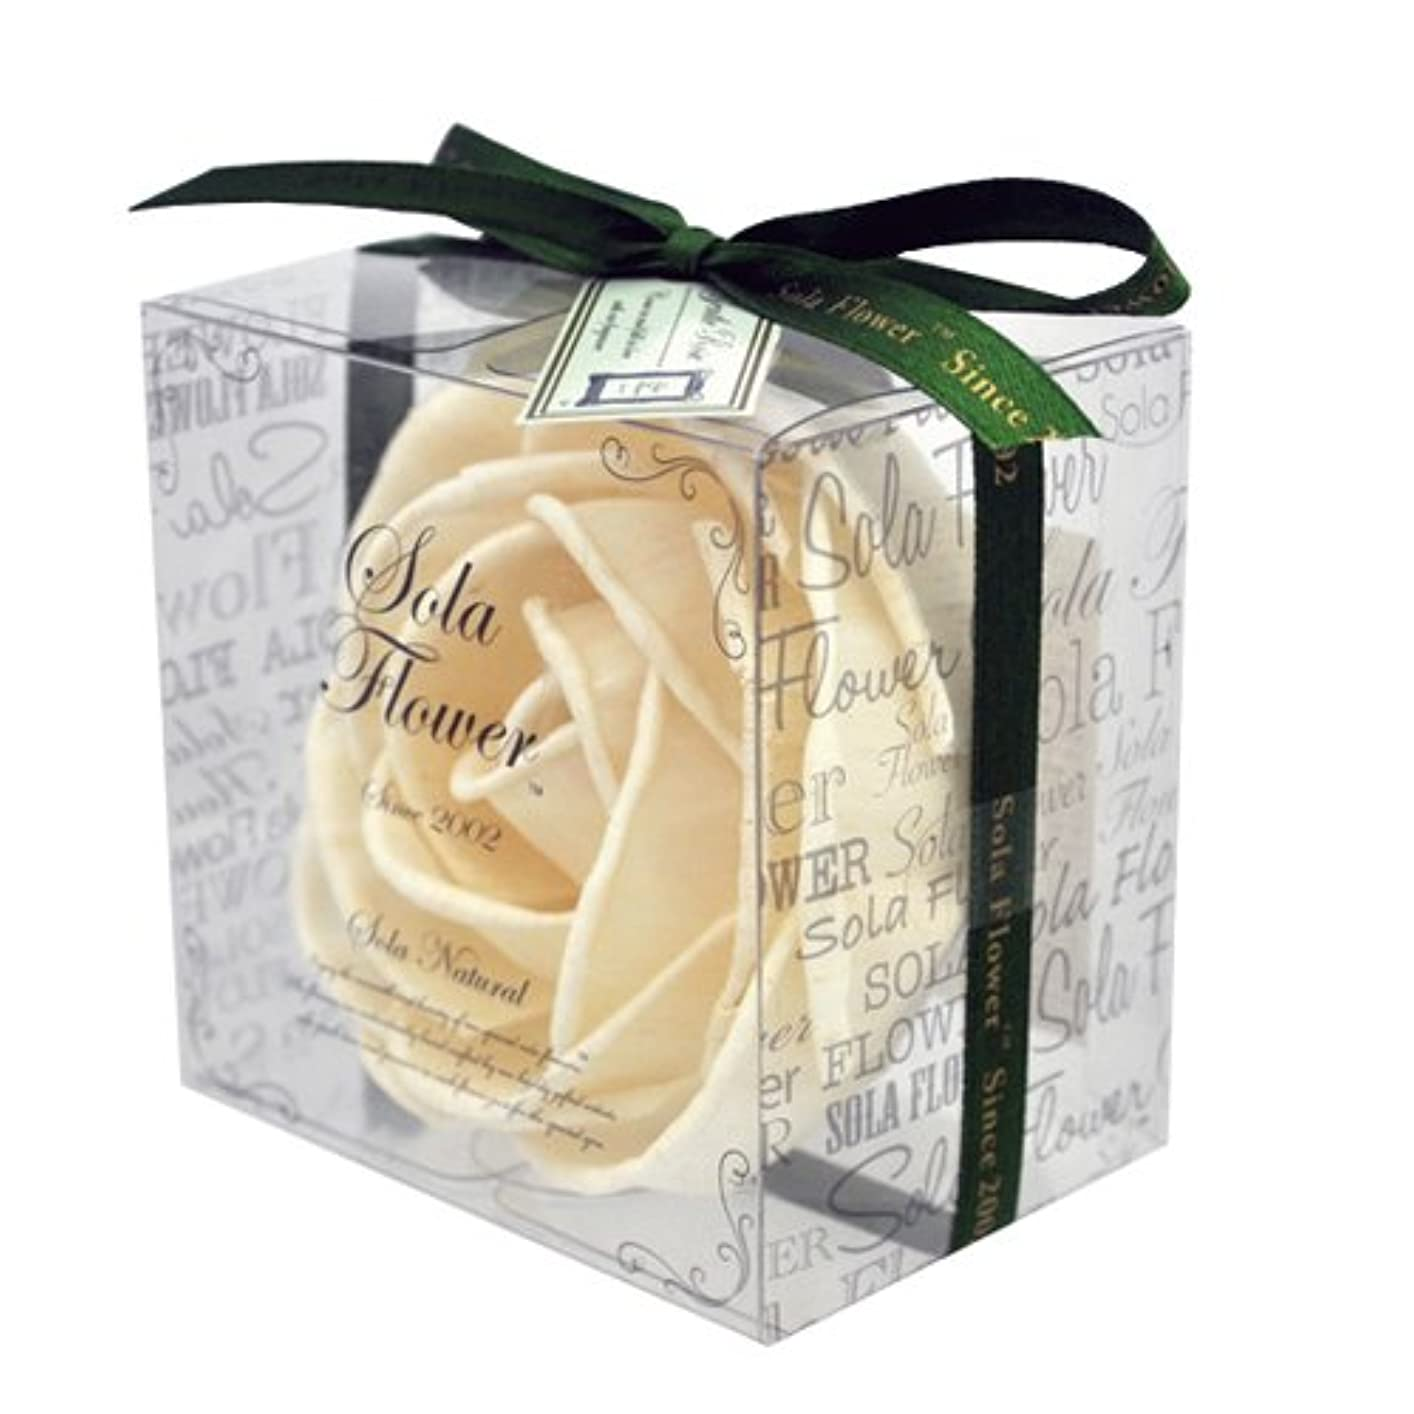 カートン金銭的タイルnew Sola Flower ソラフラワー ナチュラル Gentle Rose ジェントルローズ Natural